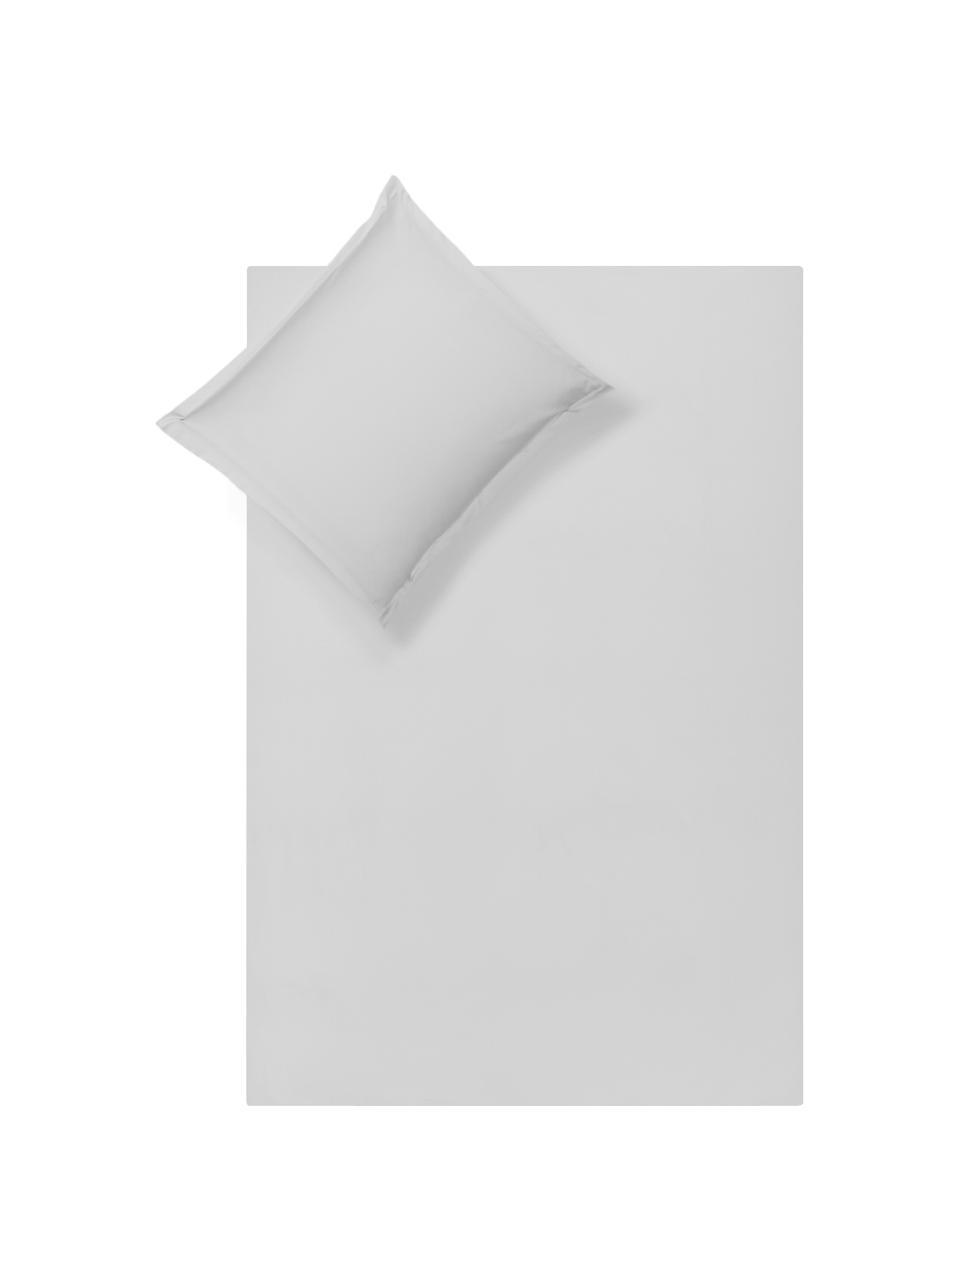 Katoensatijnen dekbedovertrek Premium in lichtgrijs met bies, Weeftechniek: satijn, licht glanzend, Lichtgrijs, 140 x 200 cm